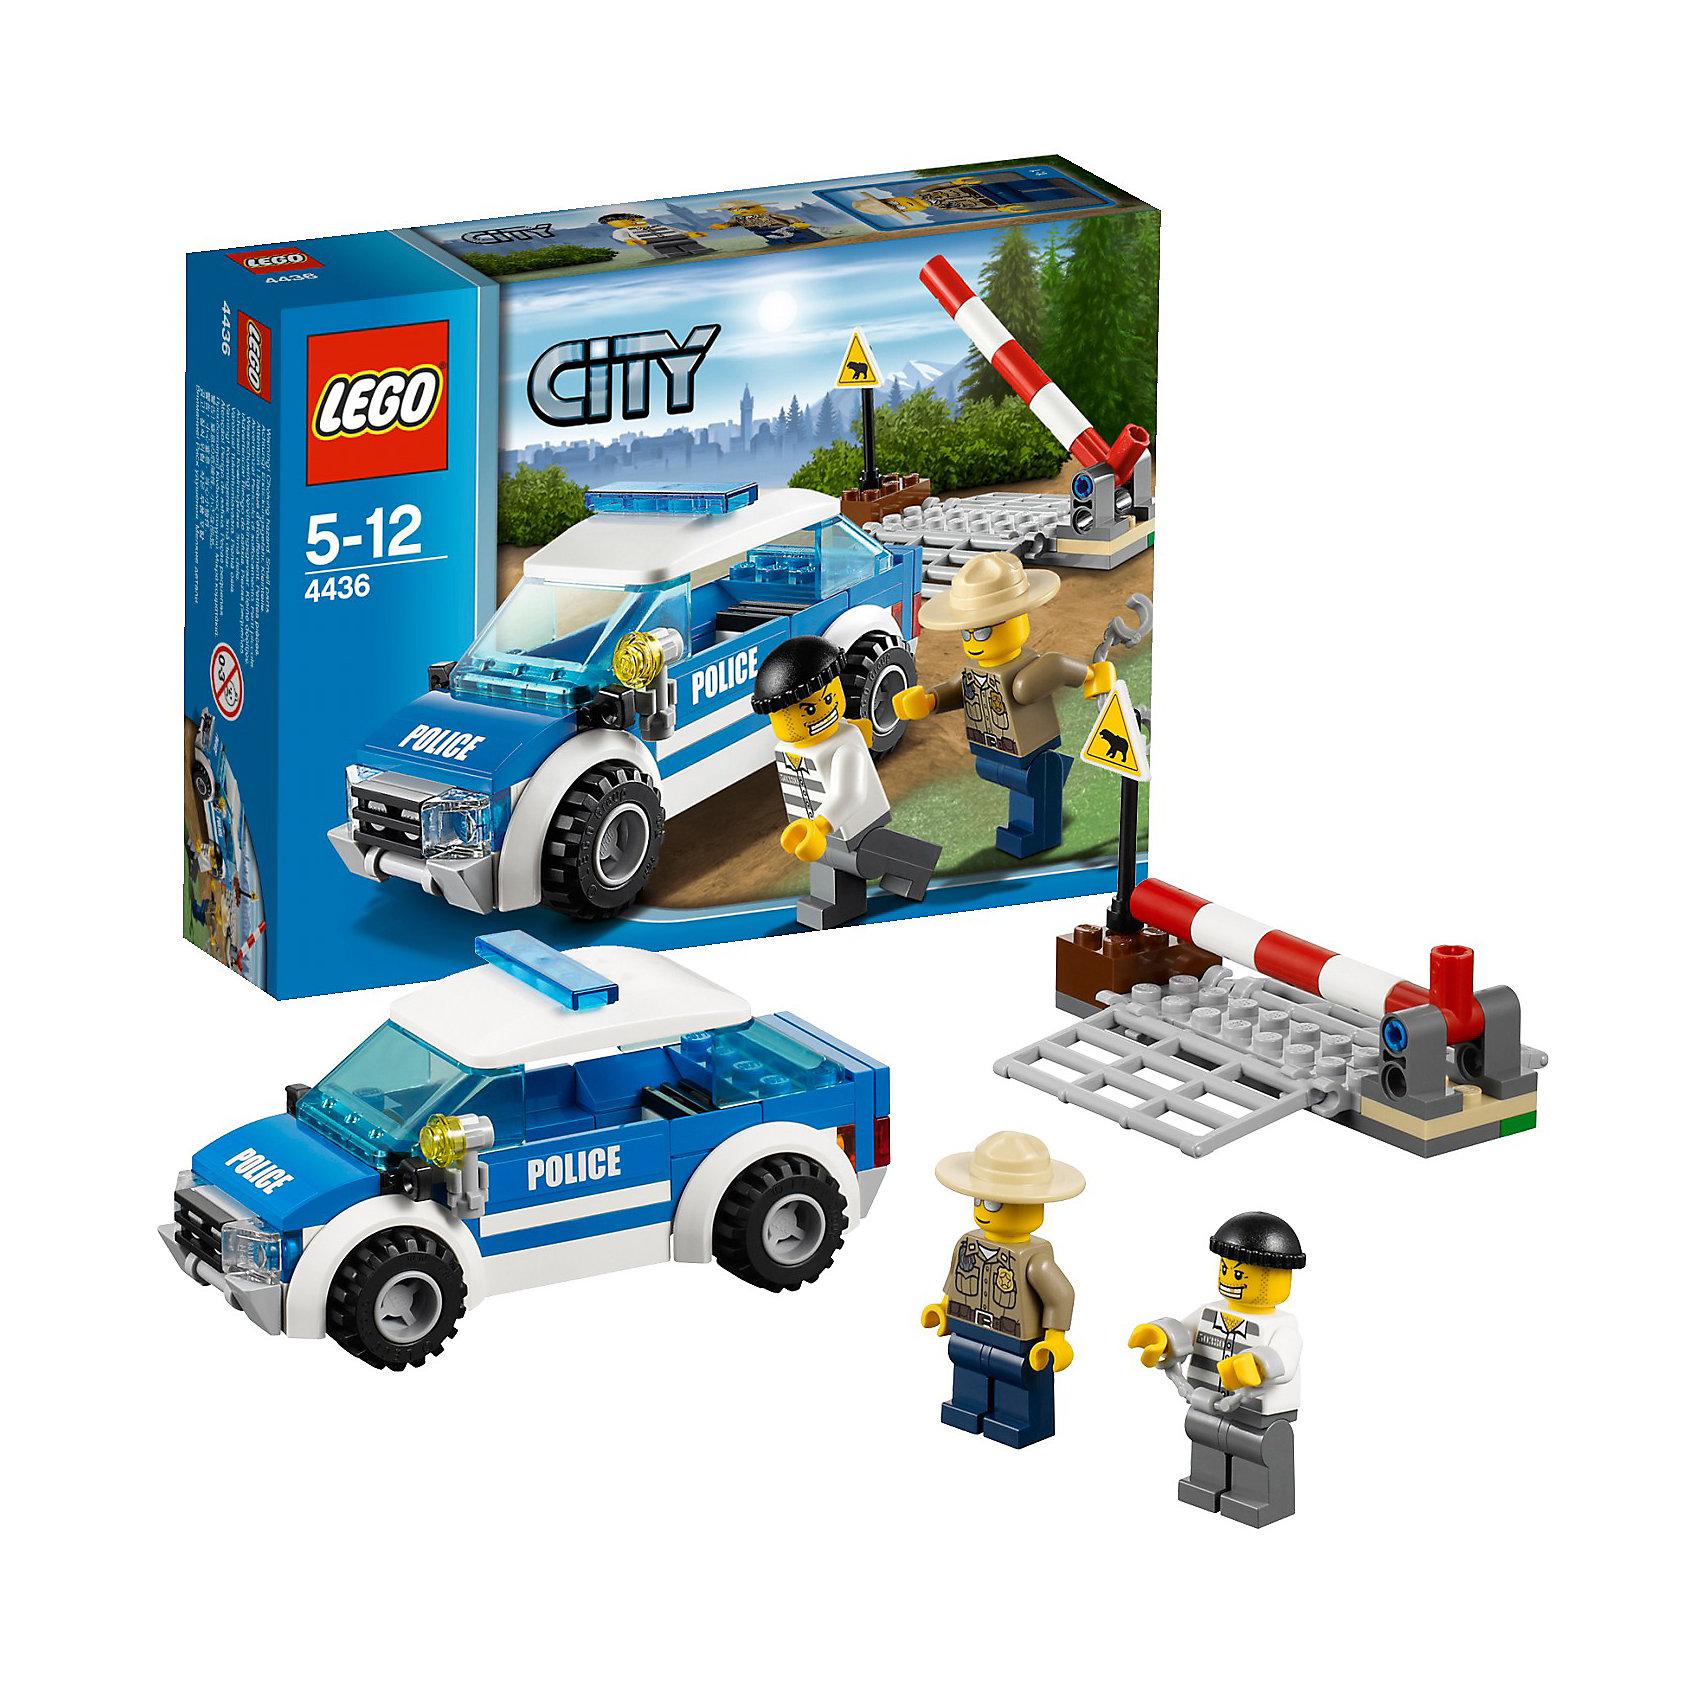 LEGO City 4436: Патрульная машинаПолицейский лесной полиции заметил грабителя, пытающегося скрыться в лесу. Догони преступника на патрульной машине и одень на него наручники, пока он не перепрыгнул через преграду и не скрылся. <br><br>Дополнительная информация:<br><br>- В наборе 2 минифигурки: полицейский и грабитель<br>- Также набор содержит: наручники, решетку (отделяет город<br>от леса), дорожный знак («Берегись медведя!»)<br><br>Детали:<br><br>- Артикул LEGO: 4436<br>- Количество деталей LEGO: 97<br><br>Ширина мм: 221<br>Глубина мм: 192<br>Высота мм: 51<br>Вес г: 145<br>Возраст от месяцев: 60<br>Возраст до месяцев: 144<br>Пол: Мужской<br>Возраст: Детский<br>SKU: 2362018